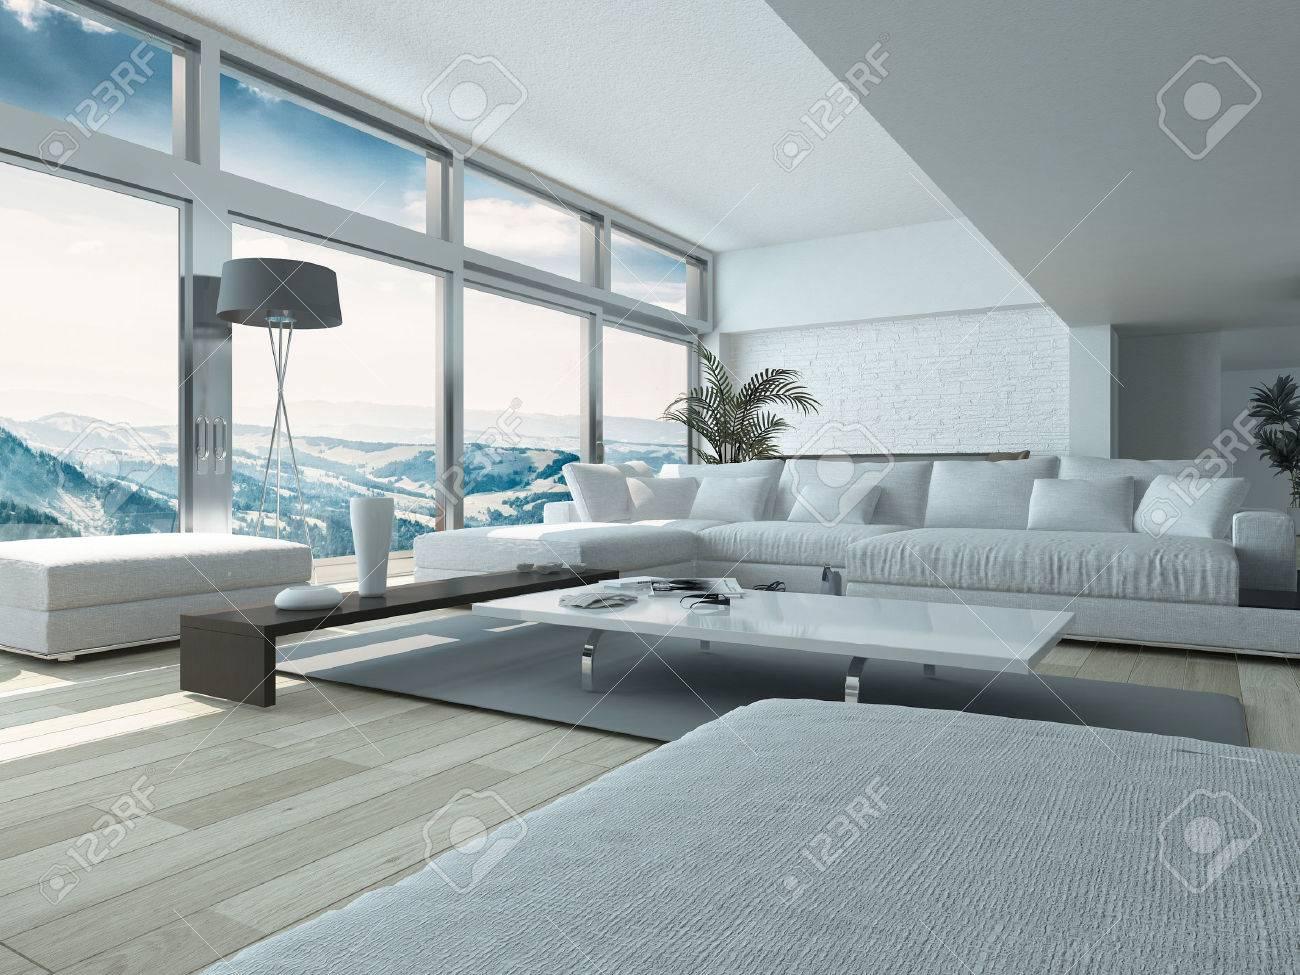 Moderna vardagsrum design, med eleganta vita soffor och bord ...